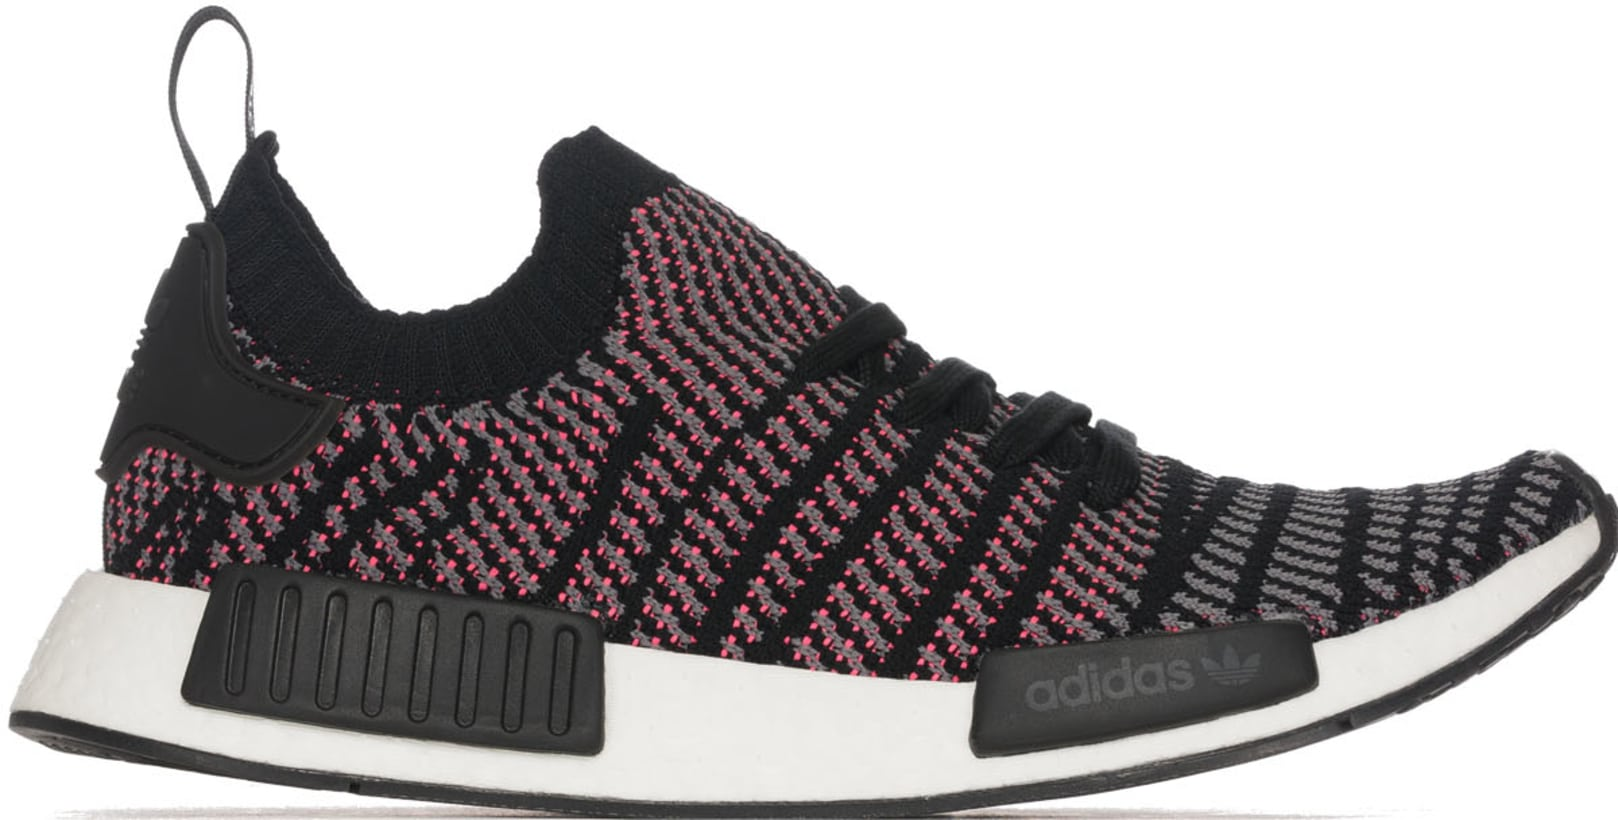 e3a9d49bb9d18 adidas Originals  NMD R1 STLT Primeknit - Core Black Grey Solar Pink ...